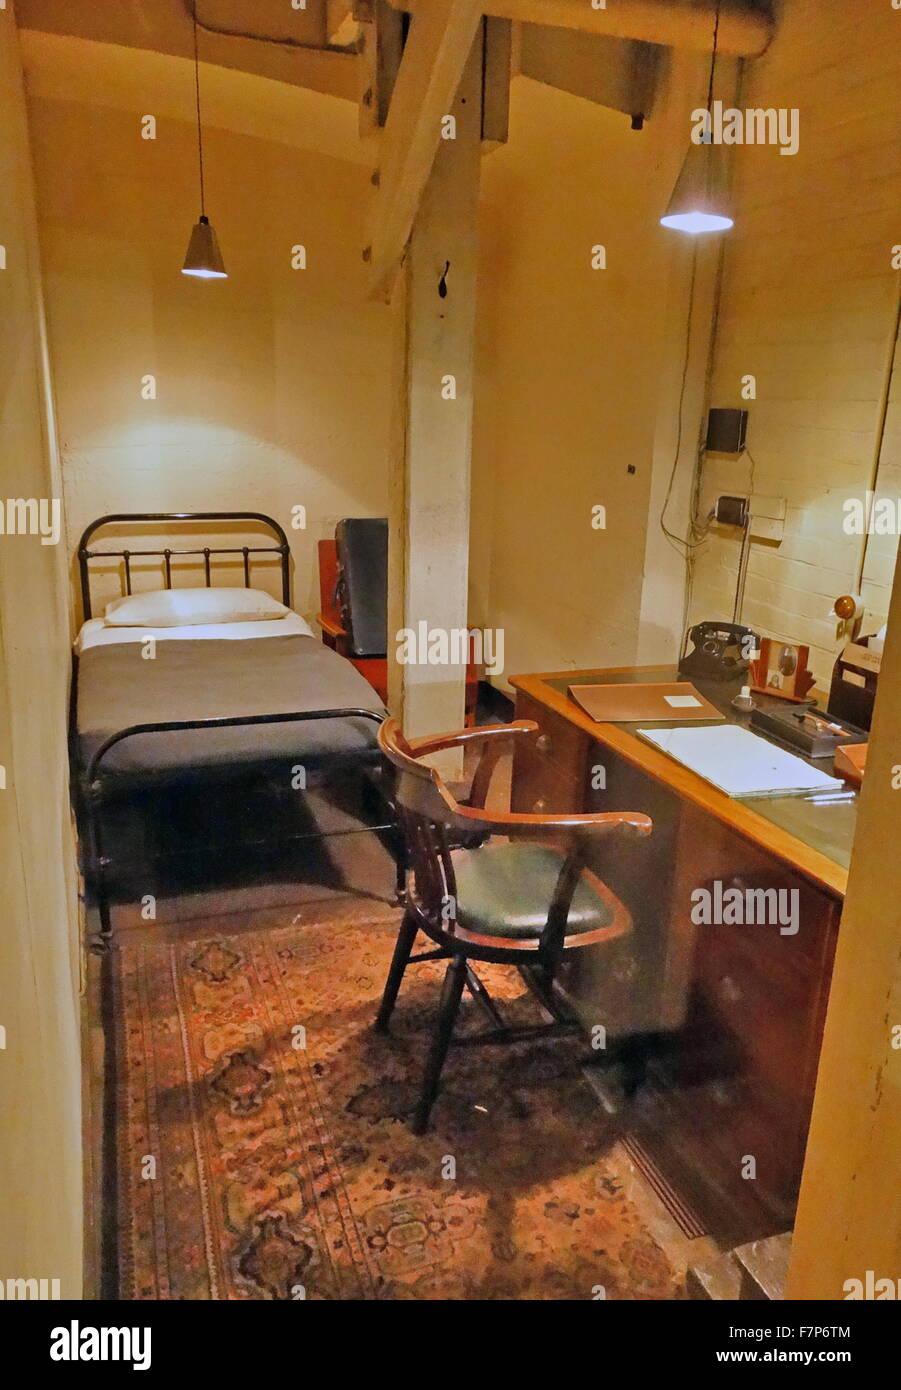 schlafzimmer mit schreibtisch und telefon im schrank krieg die zimmer bunker london england. Black Bedroom Furniture Sets. Home Design Ideas